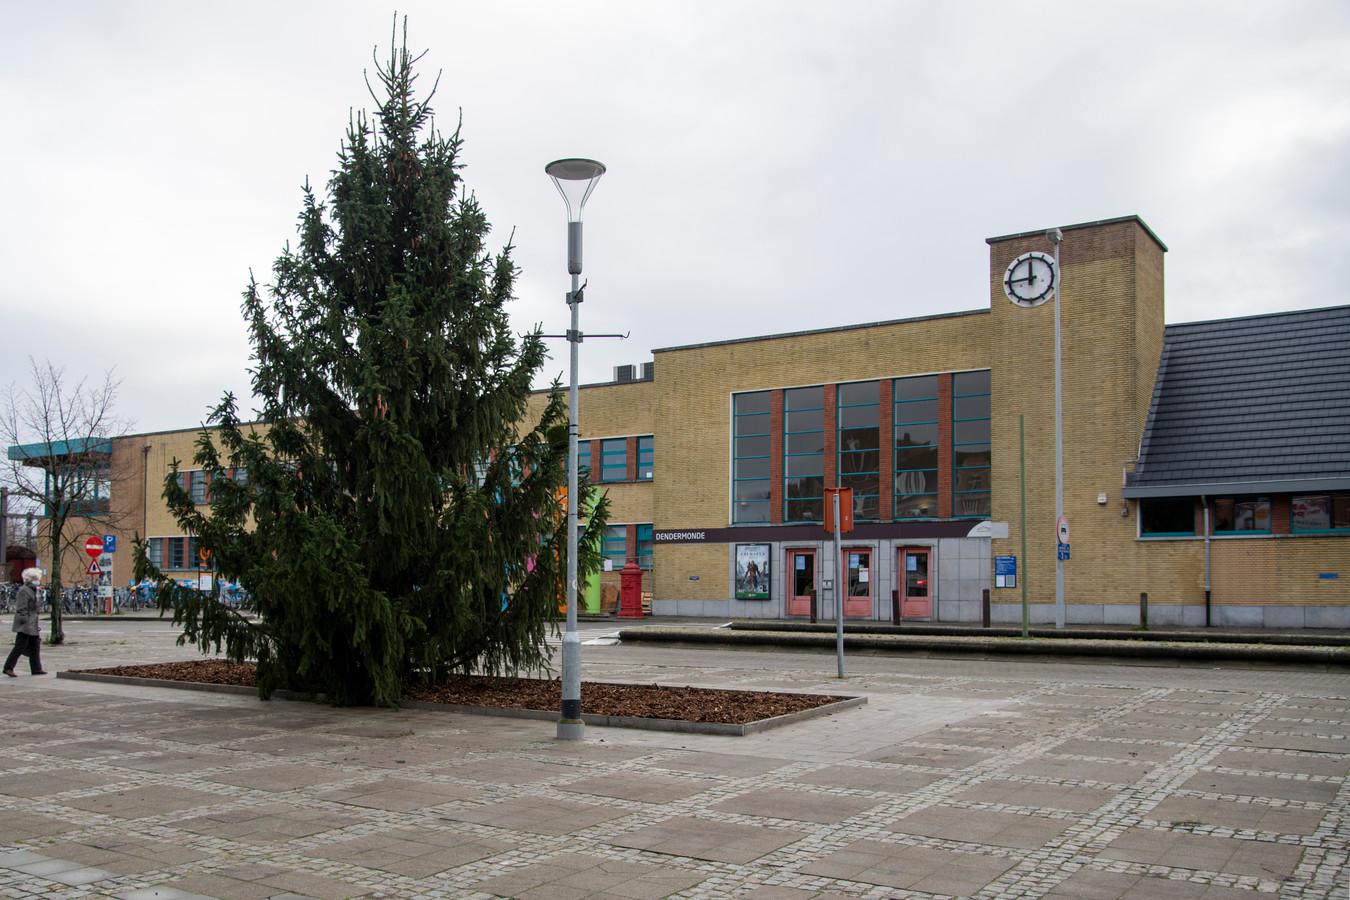 De kerstboom staat er al. De komende dagen wordt hij versierd.